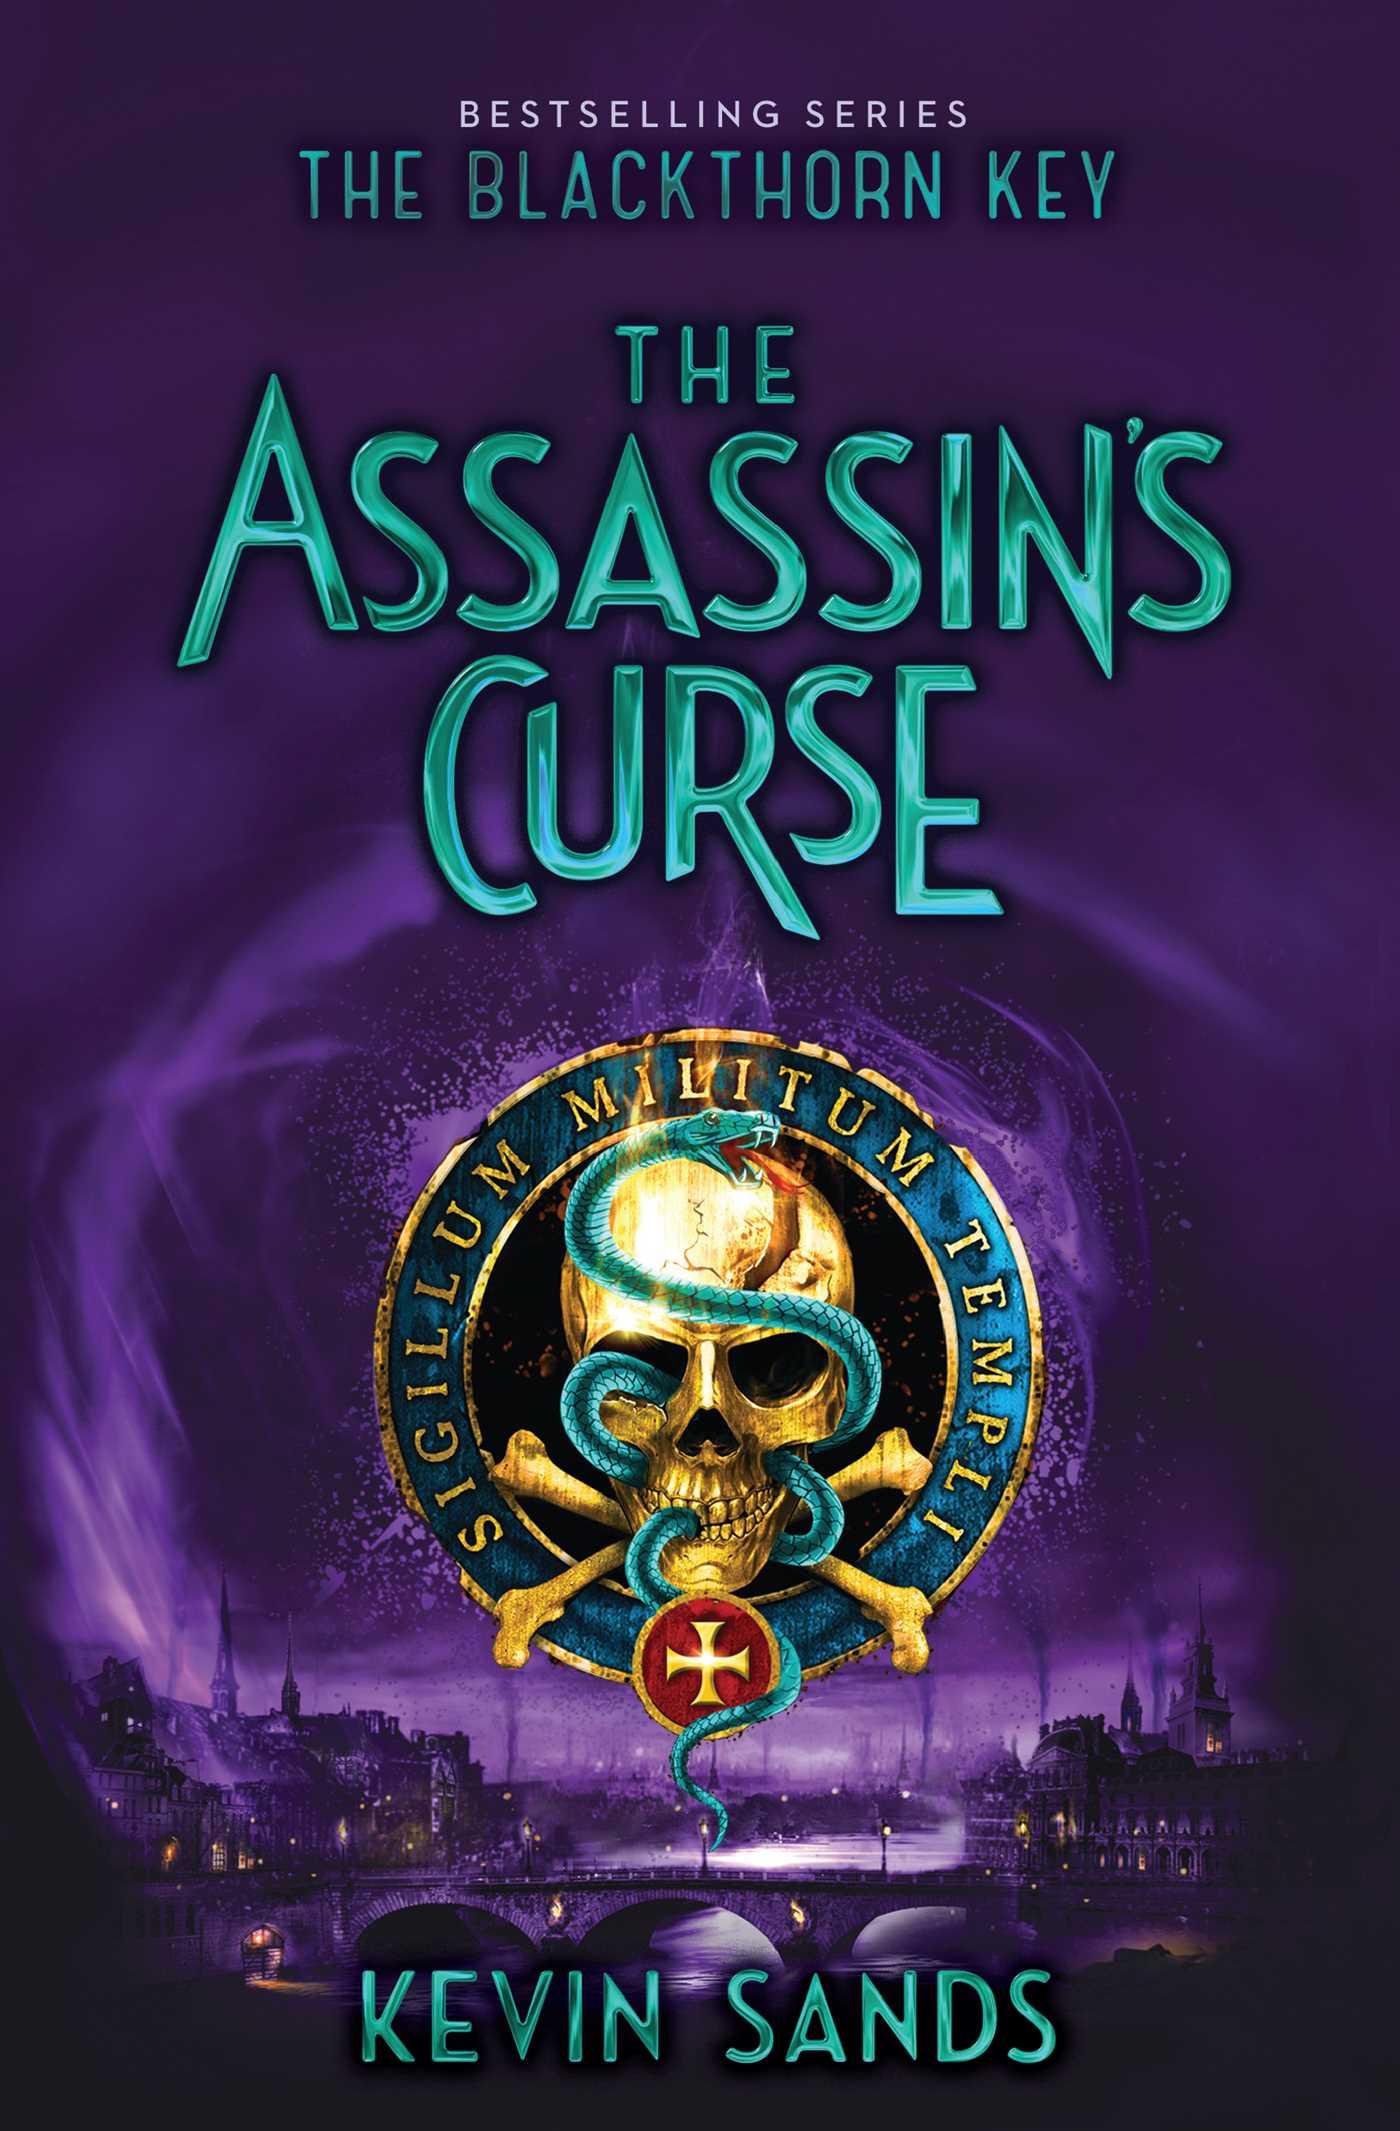 The assassins curse 9781534405233 hr